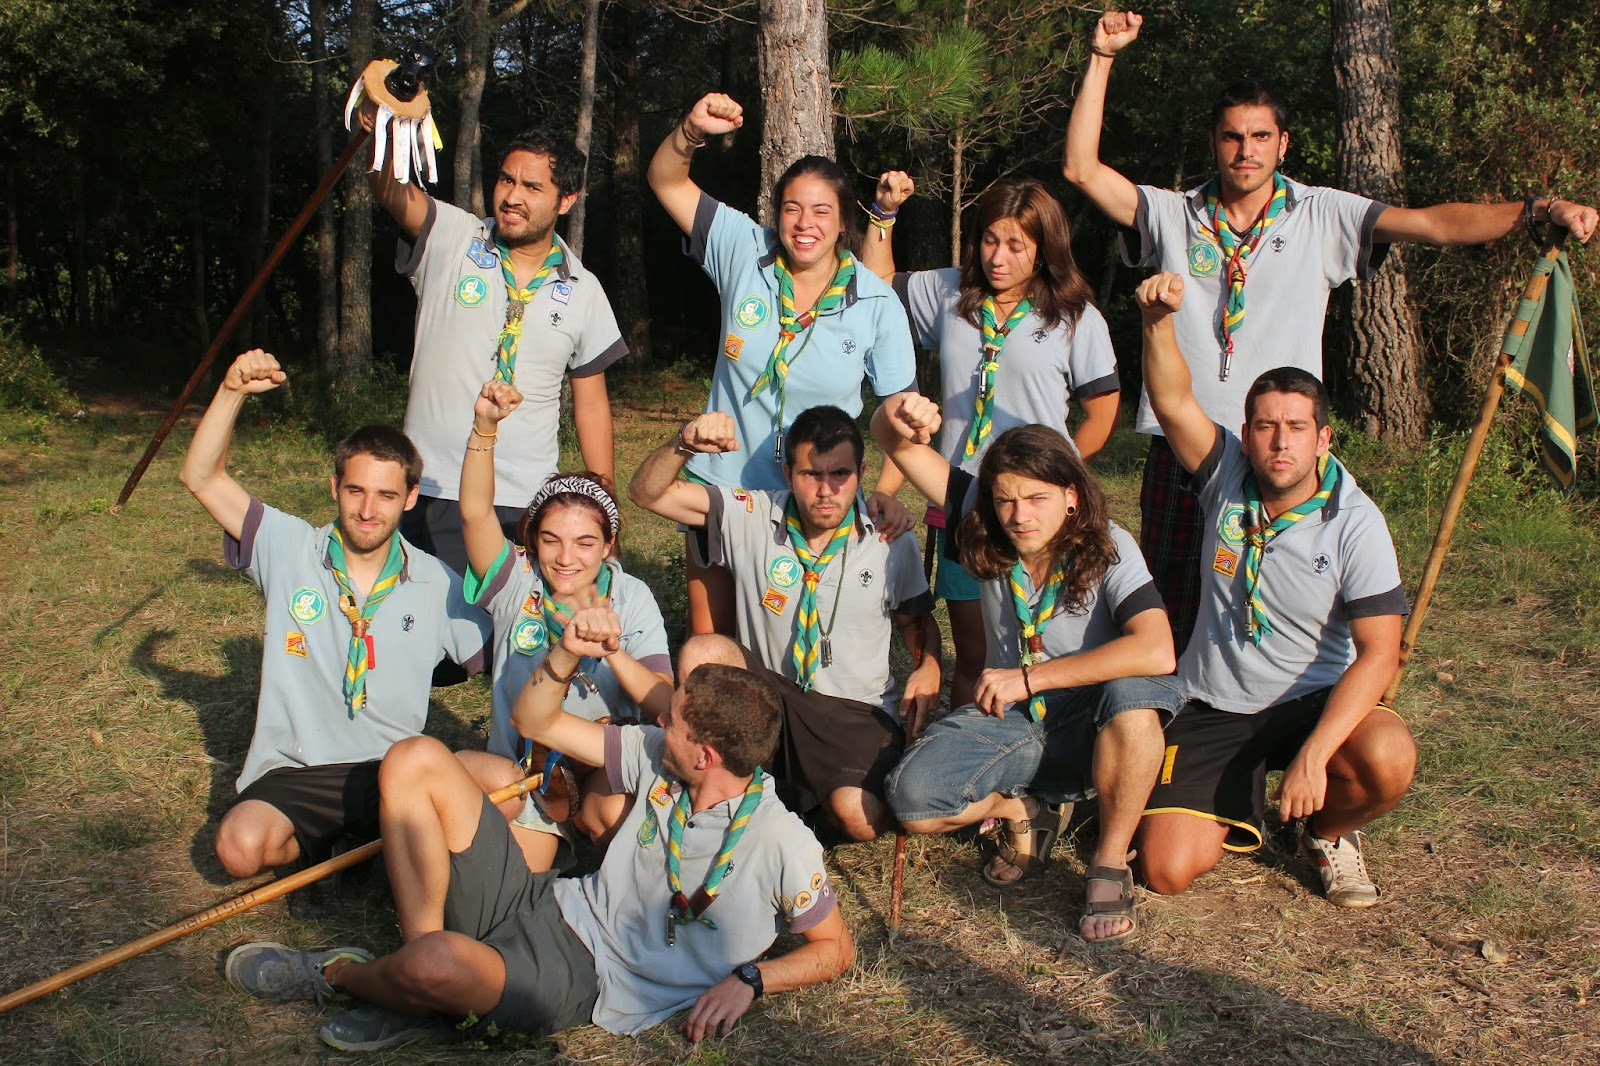 Campaments Estiu Cabanelles 2014 - IMG_0563.JPG